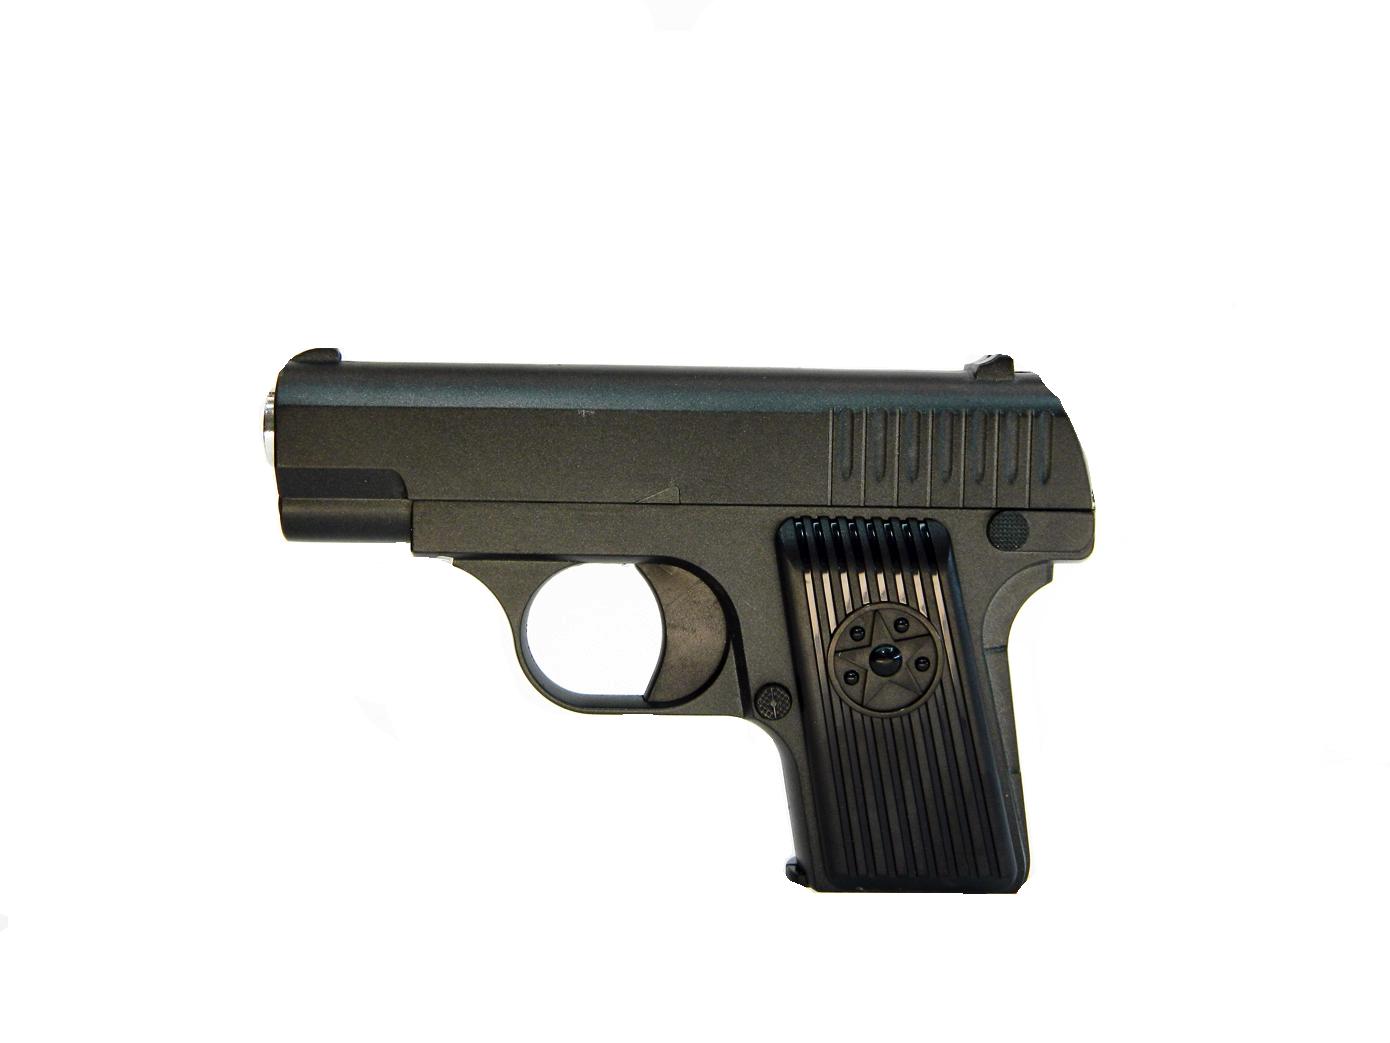 Макет пистолета Токарева ТТ мини в масштабе 1:1